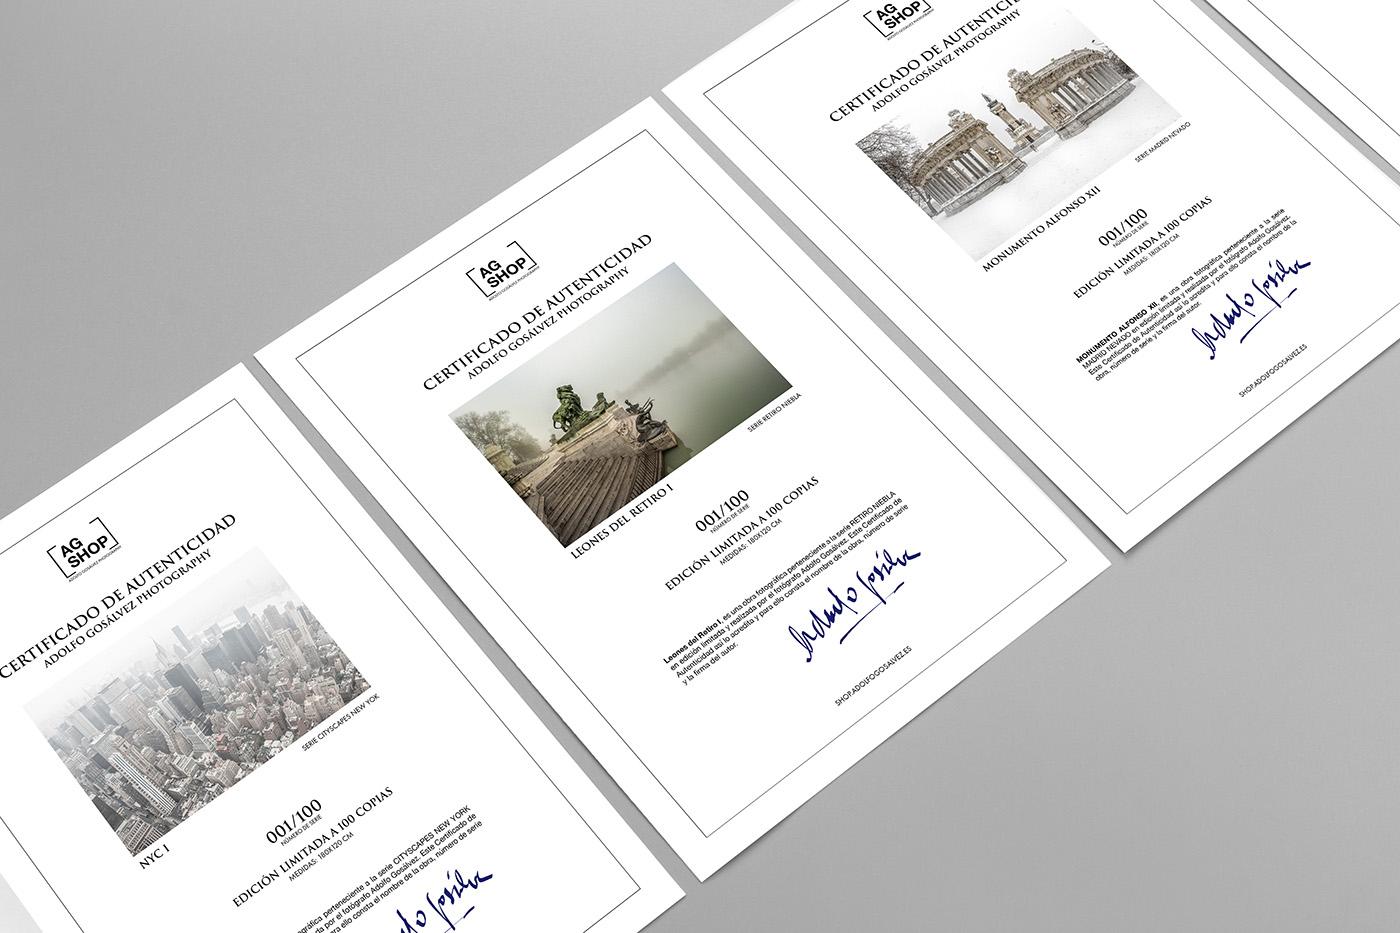 Certificado de autenticidad fotografías firmadas por el fotógrafo Adolfo Gosálvez. Venta de Fotografía de autor en edición limitada. AG Shop